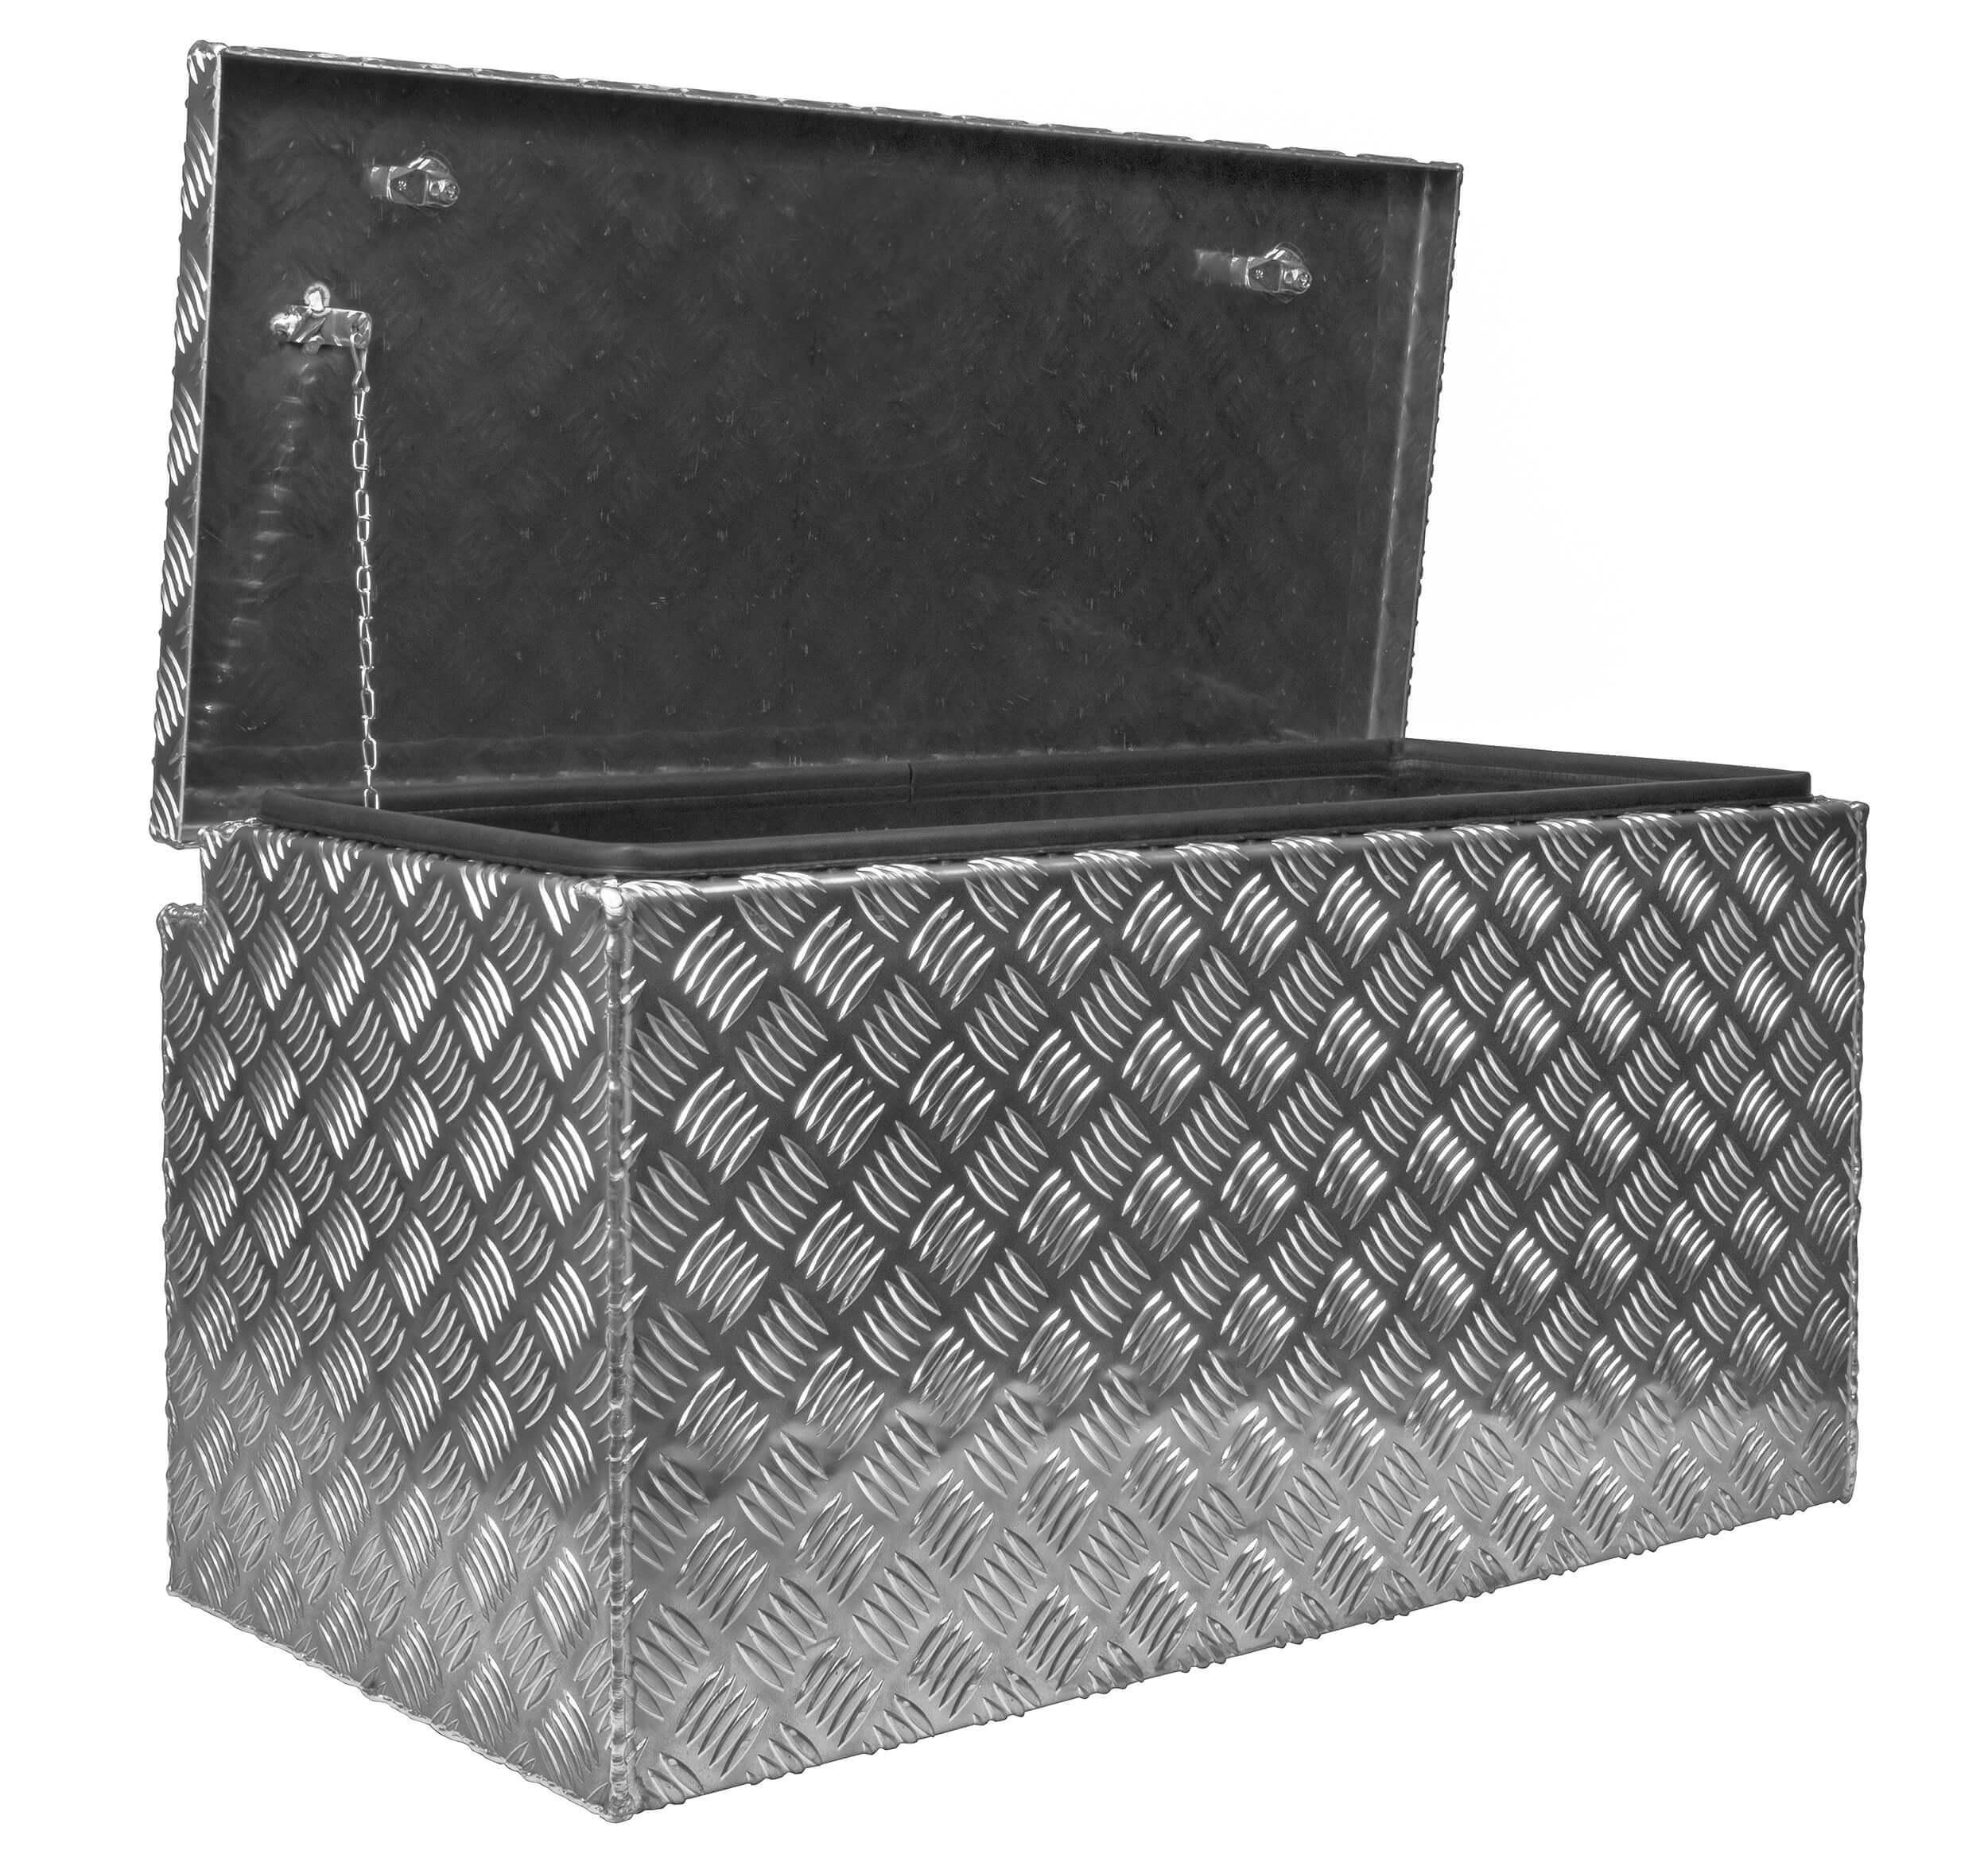 deichselbox alu riffelblech b 1154 x h 400 x t 387 mm inhalt ca 173 ltr aluminium. Black Bedroom Furniture Sets. Home Design Ideas